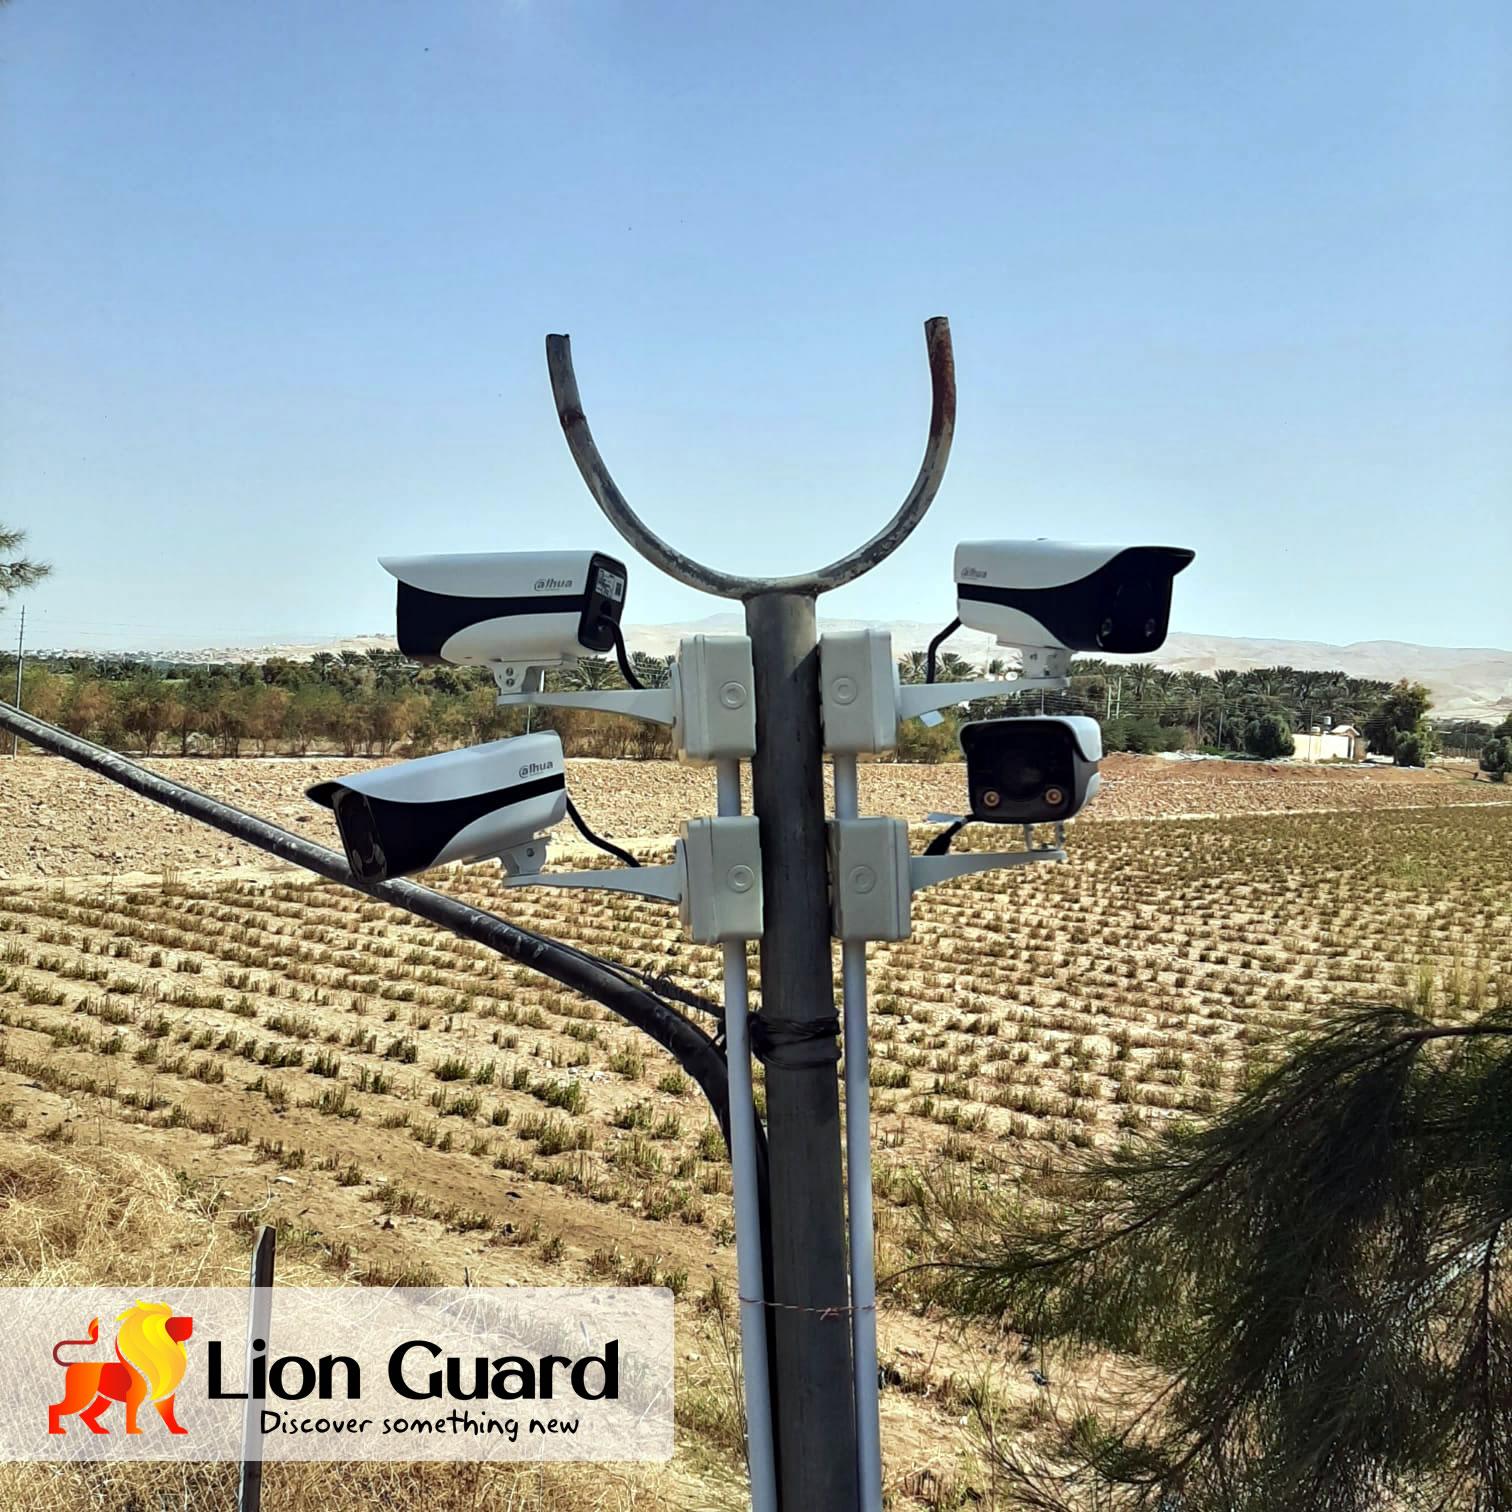 Lion Guard Store